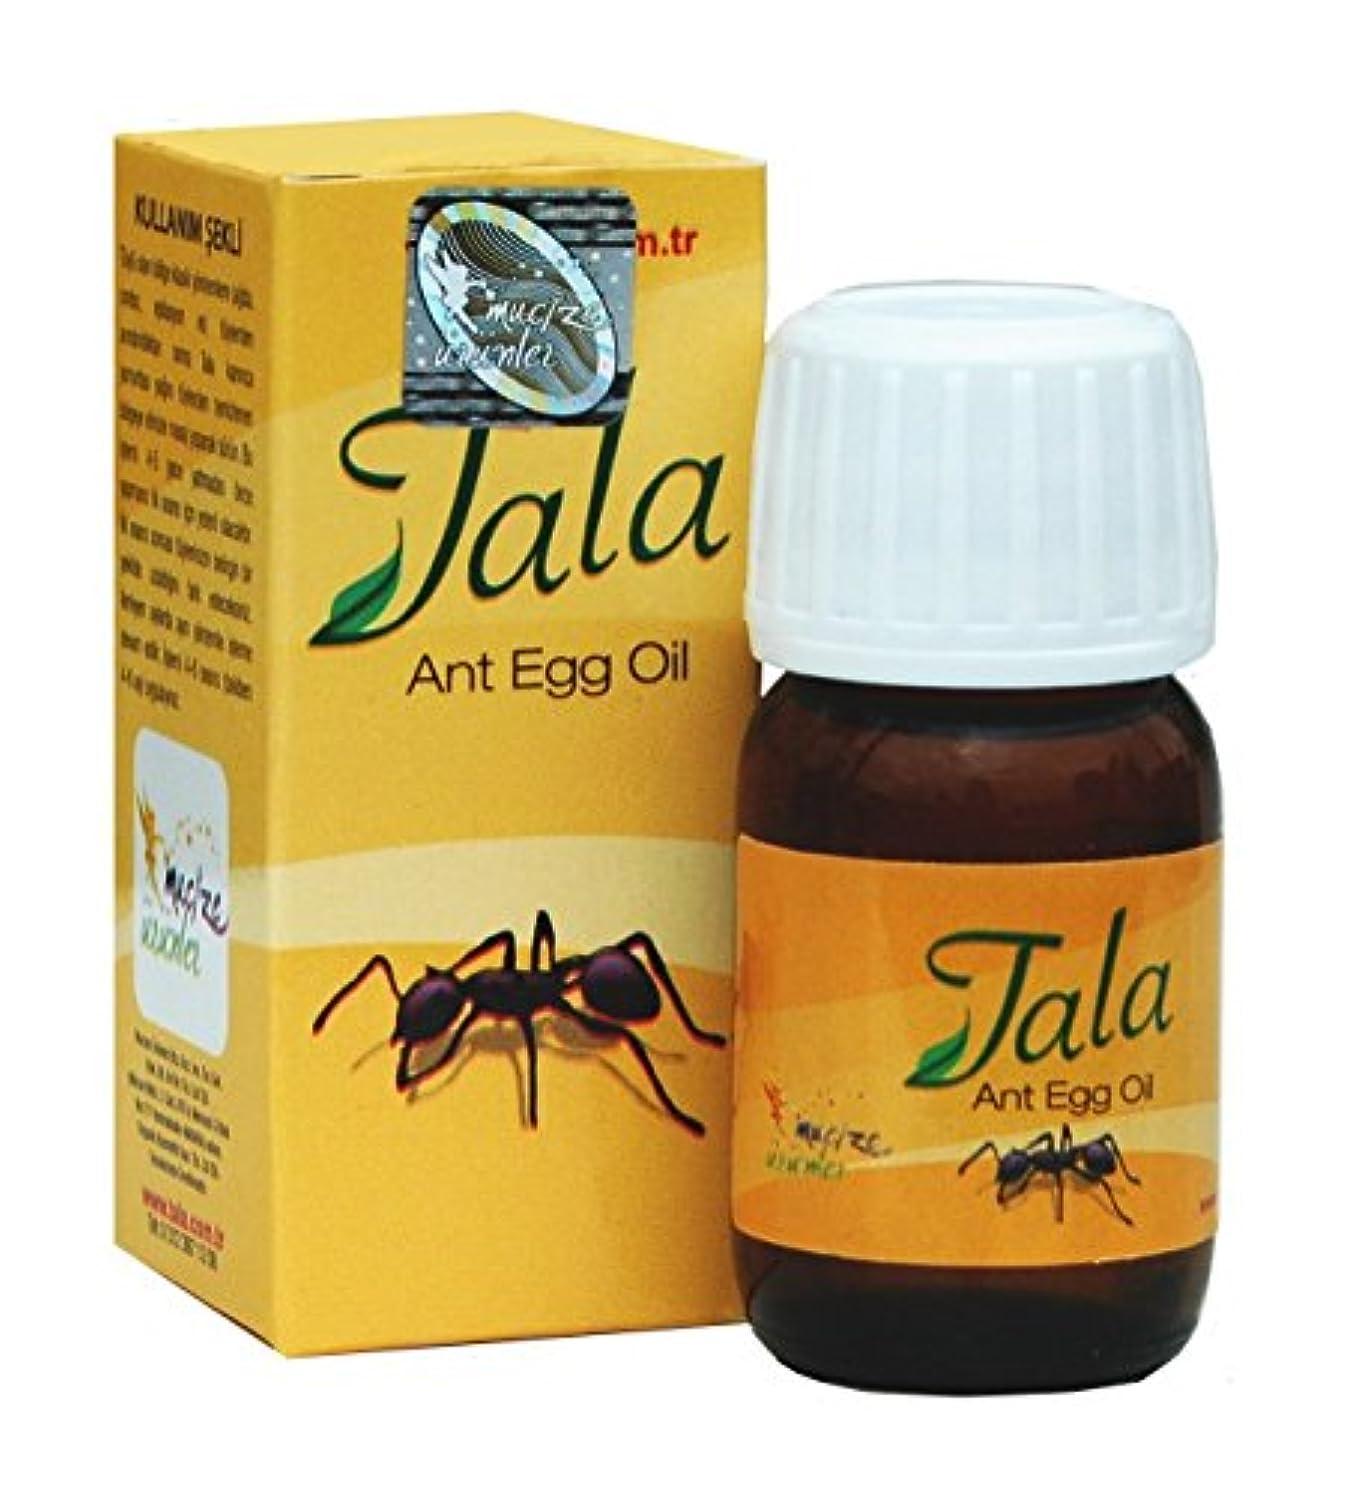 ファイアルルビー周術期Tala Ant Egg Oil (アリ脱毛オイル) 20 ml [並行輸入品]